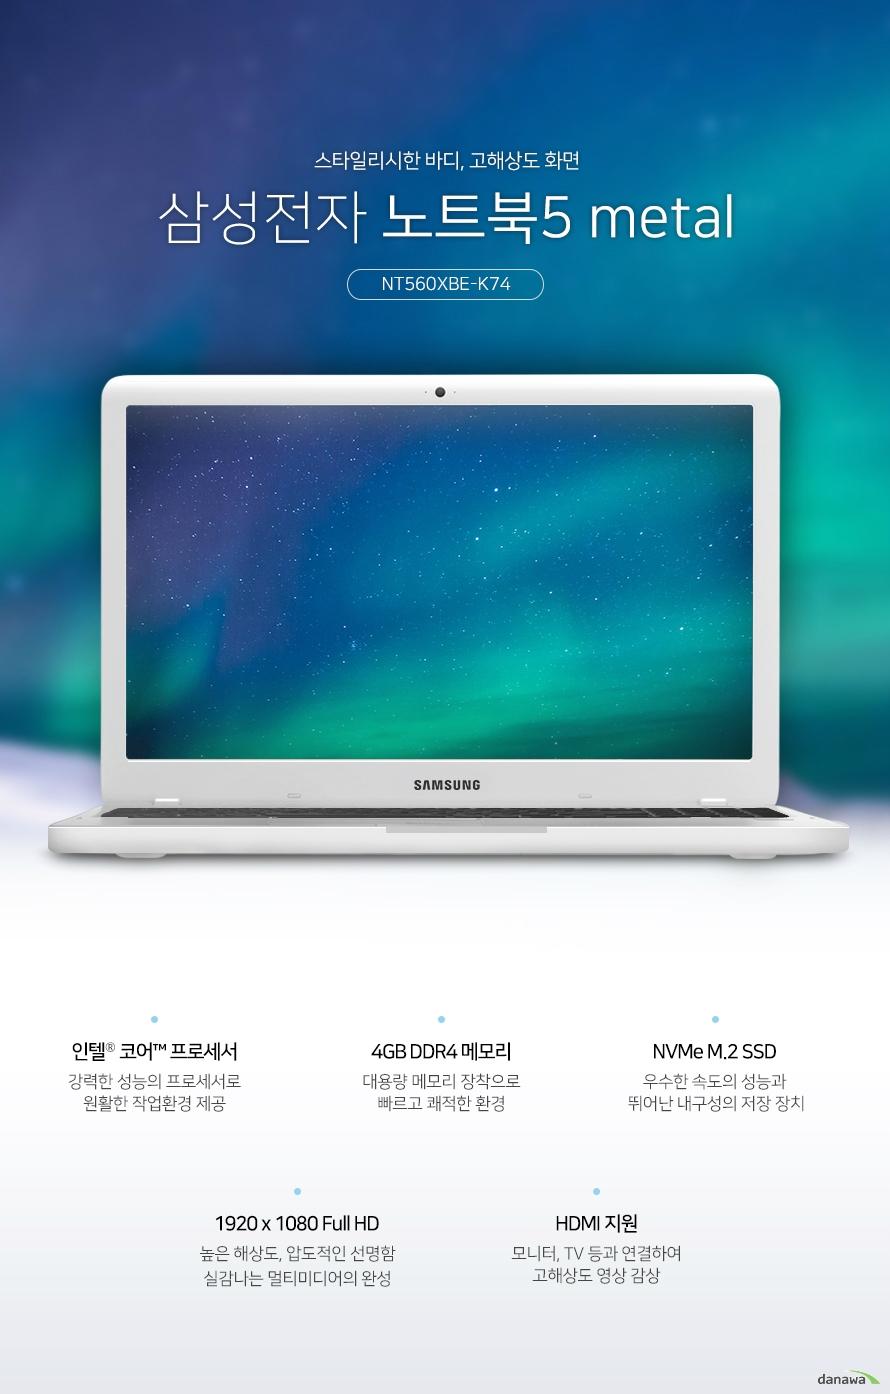 스타일리시한 바디, 고해상도 화면 삼성선자 노트북5 메탈 NT560XBE-K74 인텔 코어 프로세서 강력한 성능의 프로세서로 원활한 작업환경 제공 4GB DDR4 메모리 대용량 메모리 장착으로 빠르고 쾌적한 환경 NVMe M.2 SSD 우수한 속도의 성능과 뛰어난 내구성의 저장장치 1920x1080 Full HD 높은 해상도, 압도적인 선명함 실감나는 멀티미디어의 완성 HDMI지원 모니터, TV등과 연결하여 고해상도 영상 감상 내구성까지 뛰어난 스타일리시한 메탈바디 가볍고 슬림한 디자인으로 간편하게 휴대하며 사용할 수 있으며, 견고한 메탈바디로 내구성이 뛰어나 어디에서나 안심하고 사용할 수 있습니다. 놀랍도록 선명한, 풍부한 색감과 실감나는 화면 넓은 화면 크기와 높은 해상도로 실감나는 영상을 즐기세요. 뛰어난 화면 퀄리티로 경험해보지 못한 새로운 화면을 선사합니다. 1920x1080 Full HD 디스플레이 1920x1080 고해상도의 섬세하고 사실적인 표현으로 게임과 영화 등 멀티미디어에서 실감나는 영상과 이미지를 경험할 수 있습니다. 뛰어난 성능의 CPU 인텔 코어 프로세서 인텔 프로세서는 이전 세대에 비해 더욱 빨라진 시스템 성능과 부드러워진 스트리밍 환경, 풍부한 텍스처와 생생한 그래픽의 HD화면을 제공합니다. DDR4 4GB RAM 더욱 향상된 성능, 4GB RAM 넉넉한 용량의 RAM 메모리로 빠른 환경을 구축하여 더욱 향상된 성능을 경험할 수 있습니다. 256GB SSD 사양 업그레이드, 효율적인 저장공간 대용량의 NVMe M.2 SSD 스토리지를 지원해 빠른 속도와 넉넉한 저장공간으로 효율을 높여드립니다. 고해상도 영상을 대형화면으로 즐기세요. HDMI포트를 기본으로 장착하여 1080p Full HD 영상과 HD 고음질 사운드를 지원합니다. 다양한 영상기기와 연결하여 대형화면으로 즐길 수 있습니다. 편리하고 정확한 조작감 치클릿 키보드 키와 키 사이에 간격이있는 치클릿 키보드를 장착하여 오타가 적고 정확한 타이핑을 할 수 있습니다. 뛰어난 키감으로 사용감이 좋습니다. 숫자 키패드가 포함된 풀사이즈 키보드 풀사이즈 키보드는 숫자 키패드를 포함하고 있습니다. 기존에 데스크탑 키배열을 그대로 옮겨와, 더욱 편리하게 사용할 수 있습니다.